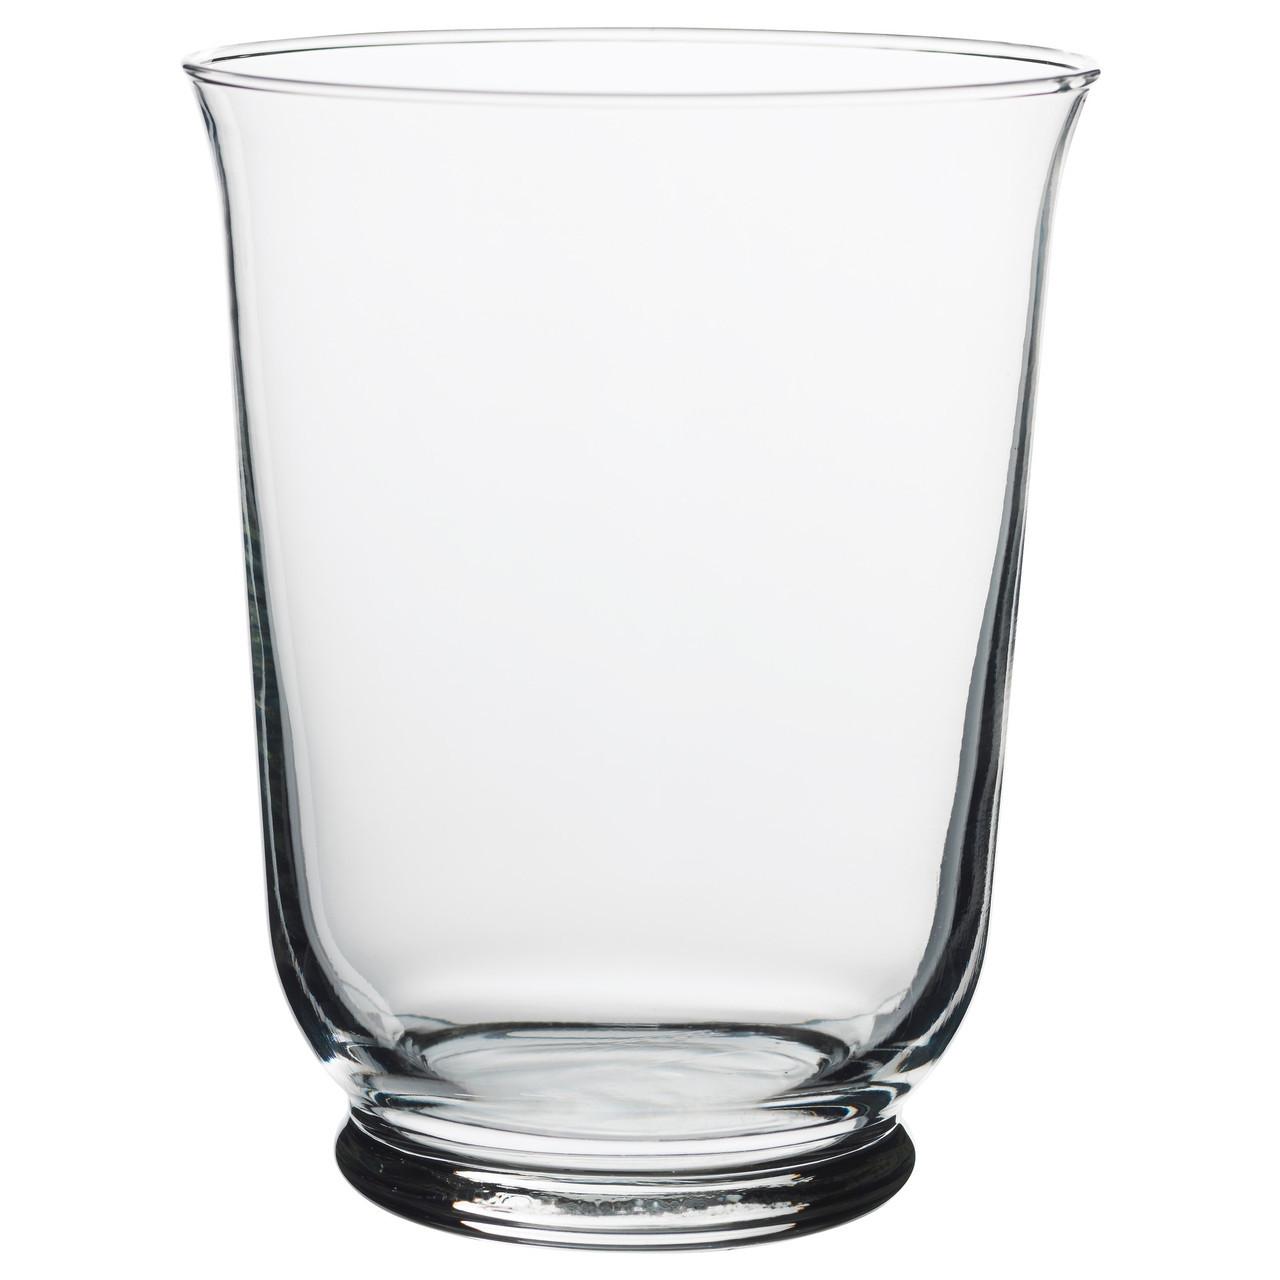 Ваза IKEA POMP 18 см прозрачное стекло 803.265.37